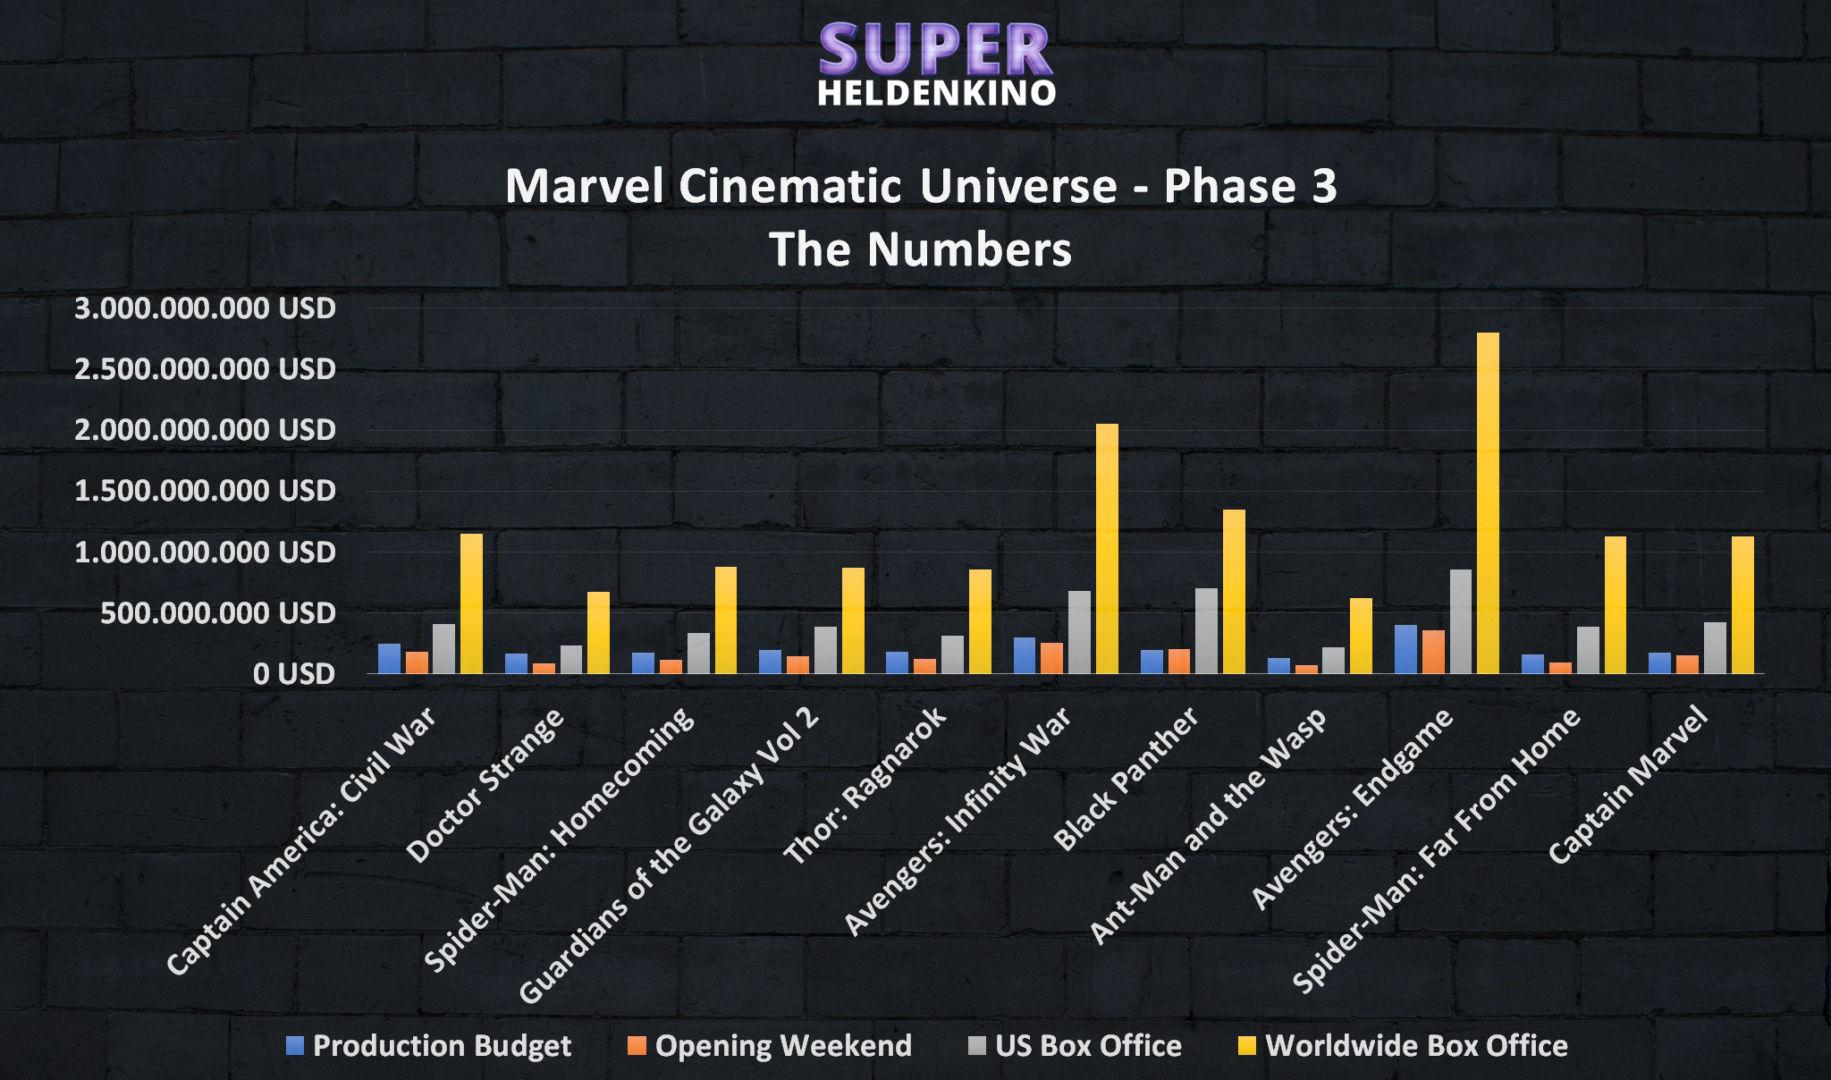 Marvel Cinematic Universe Phase 3 - Reihenfolge und Timeline aller Marvel Filme von 2016 bis 2019